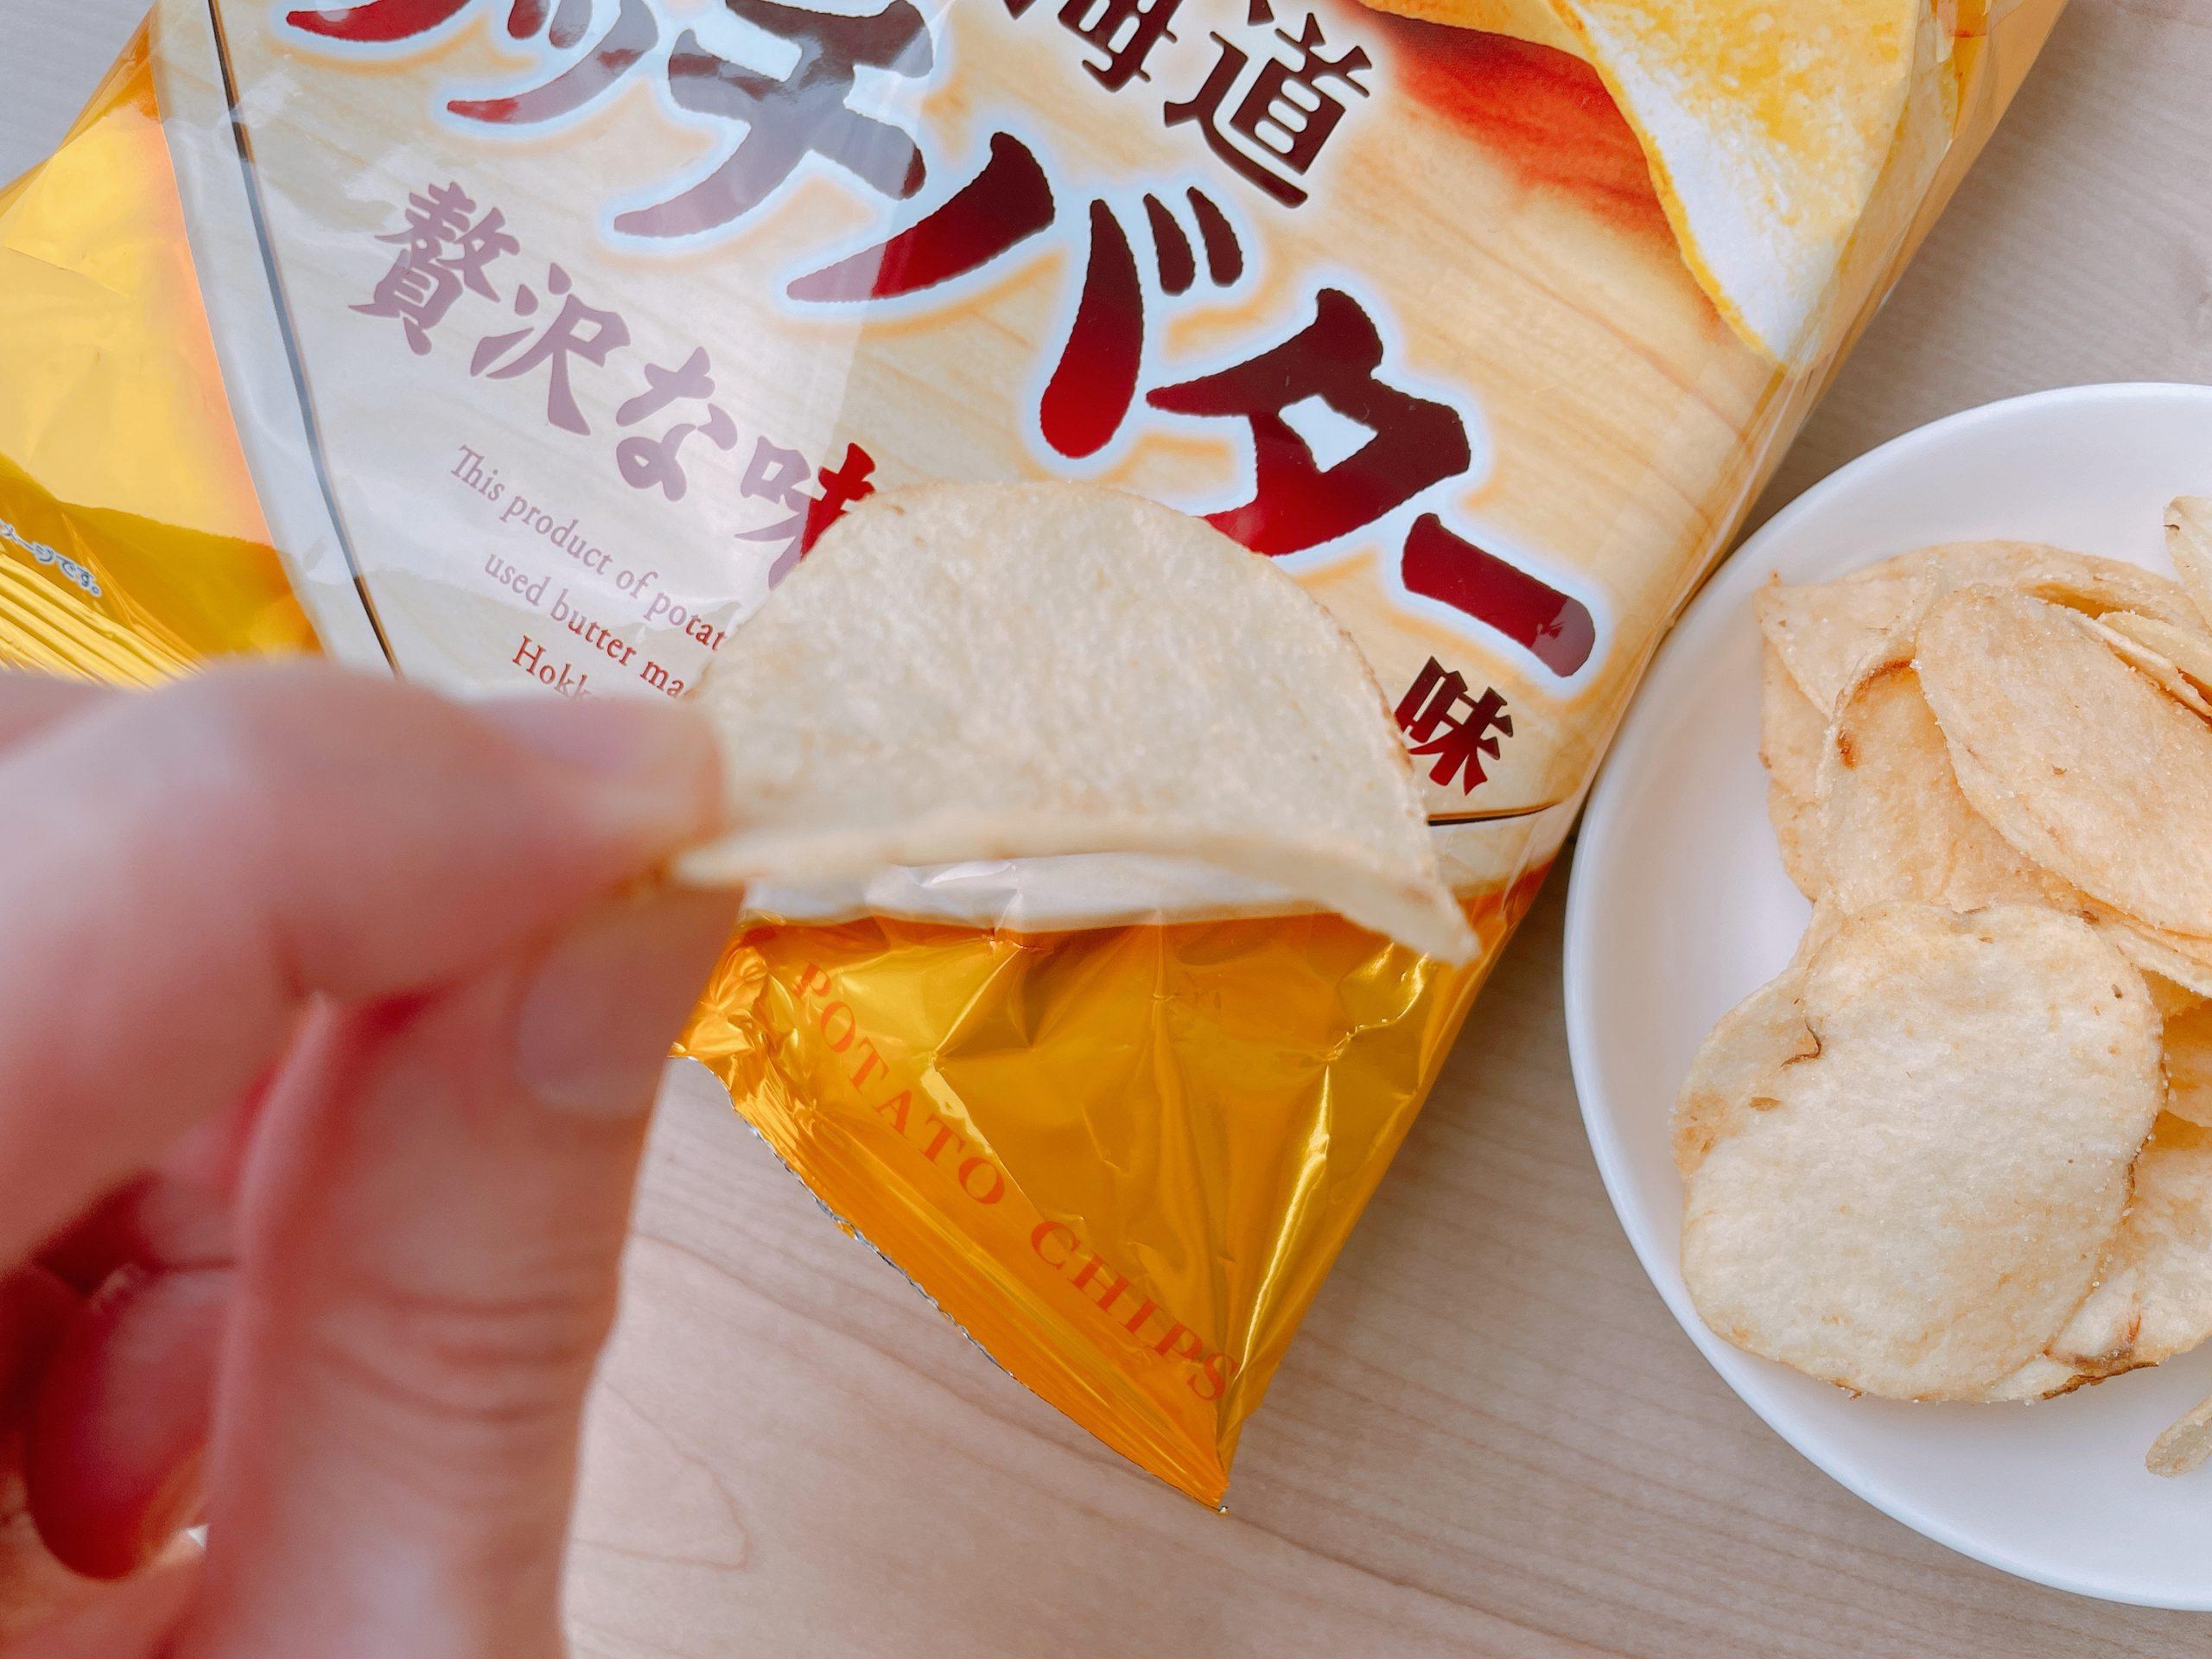 ポテトチップス<北海道リッチバター味>は、優しい薄さのポテチ